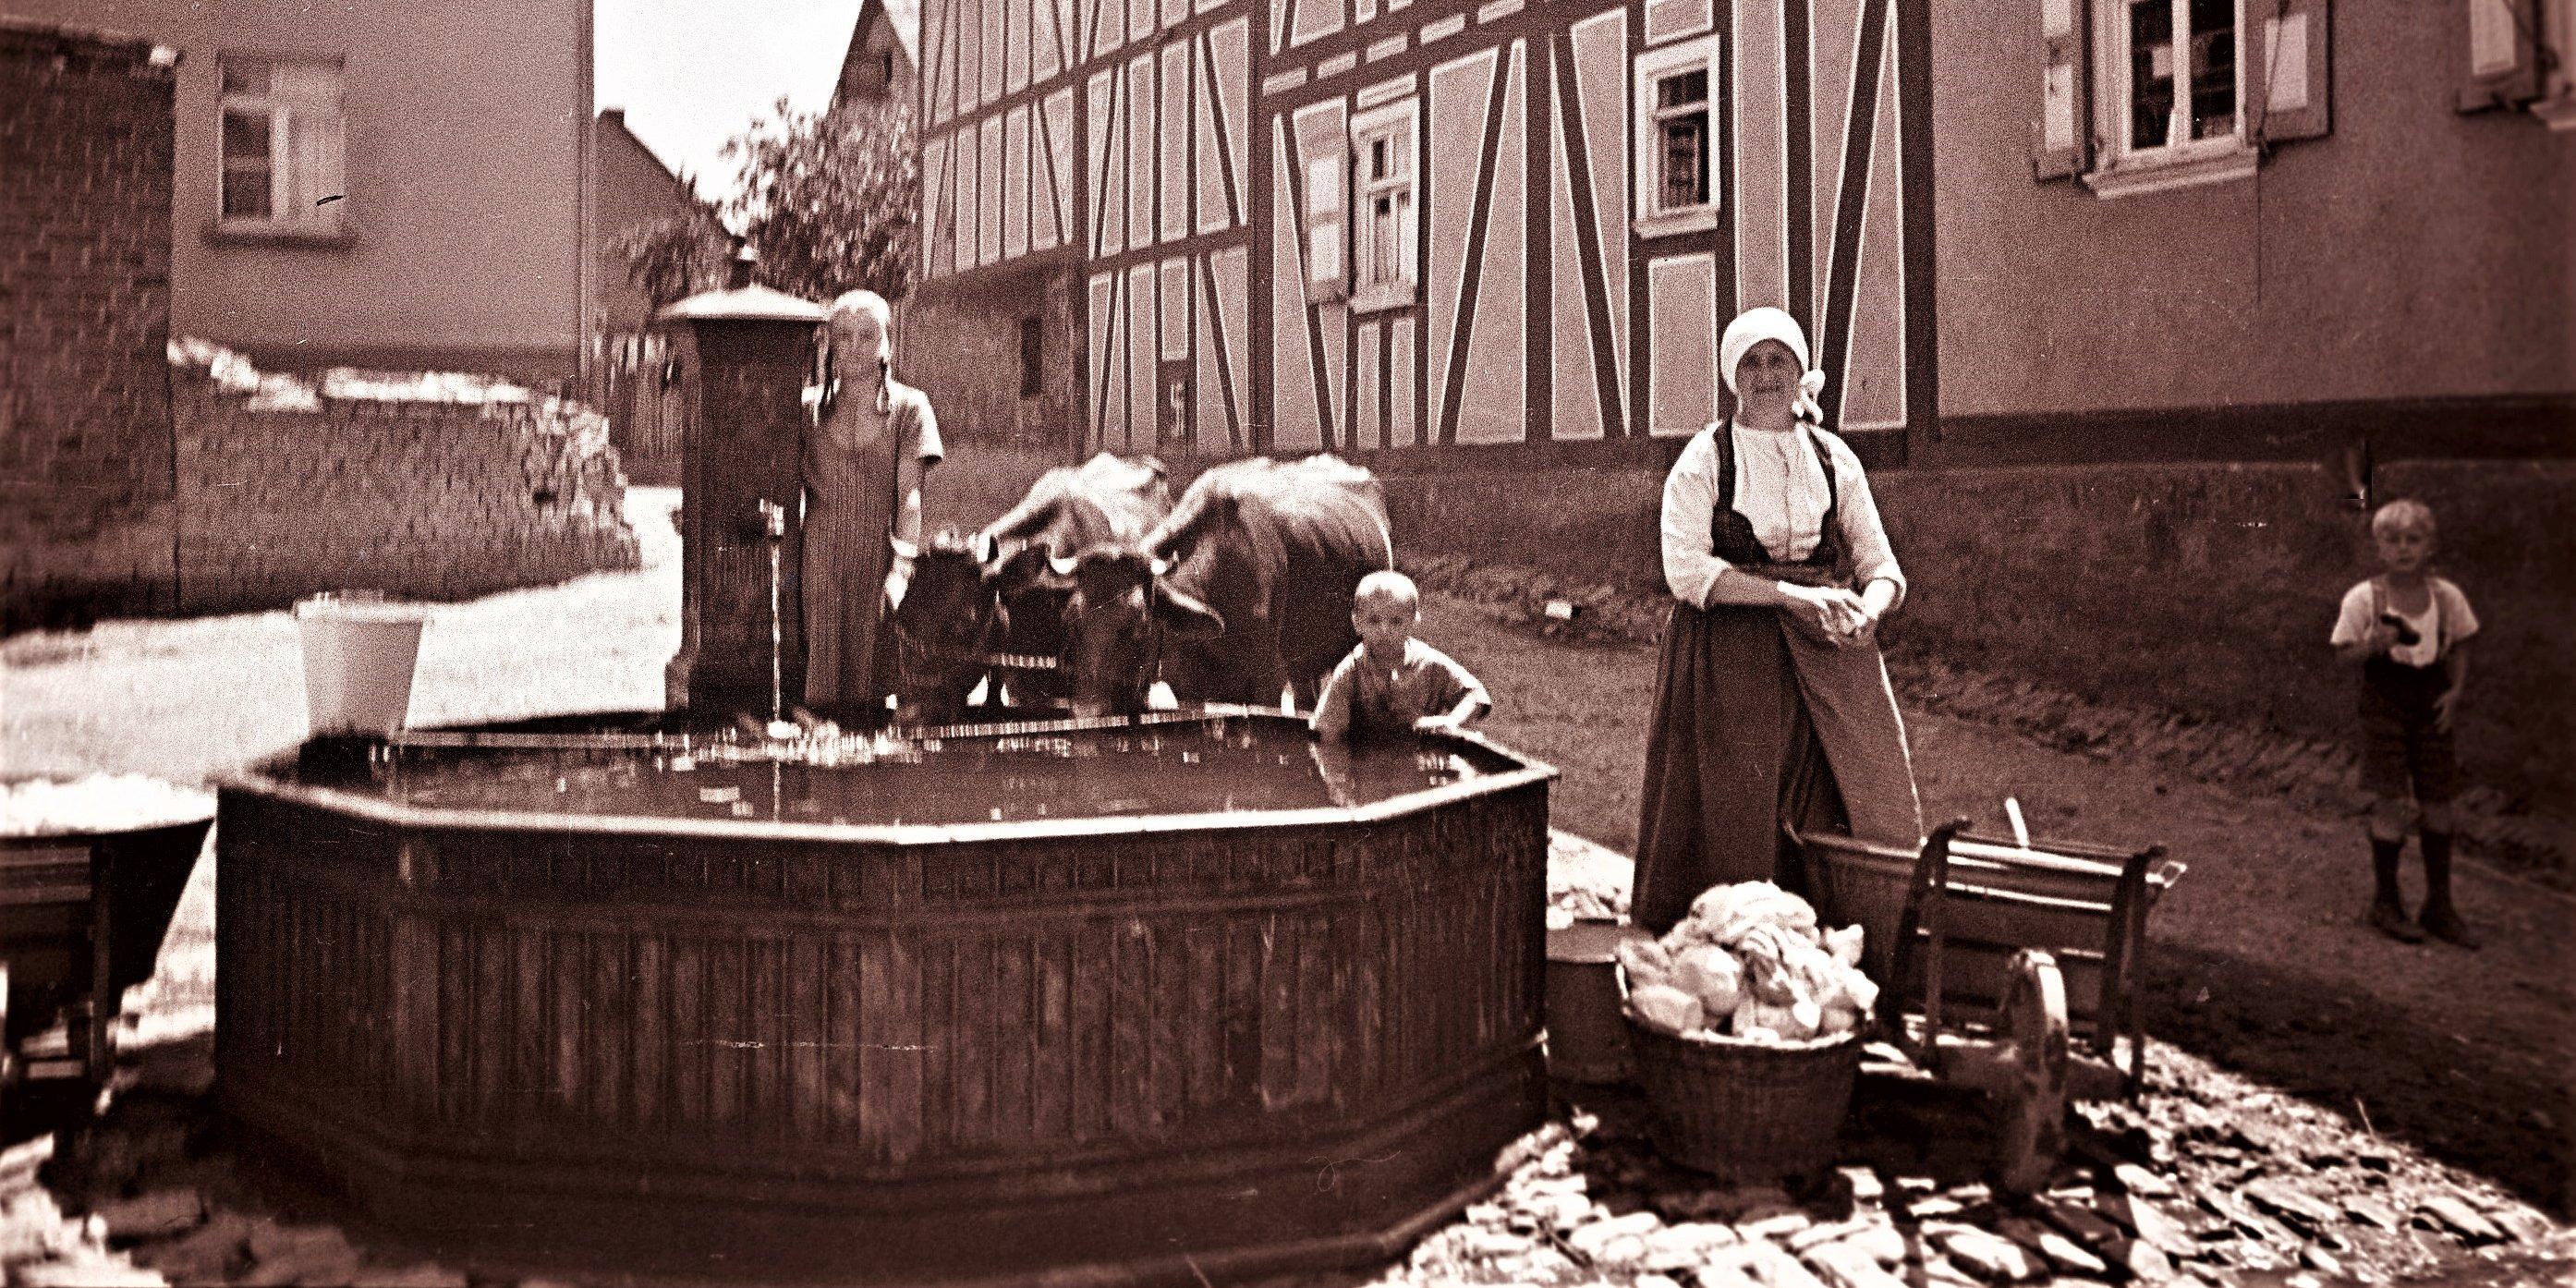 Frau und drei Kinder mit Rindern am Dorfbrunnen